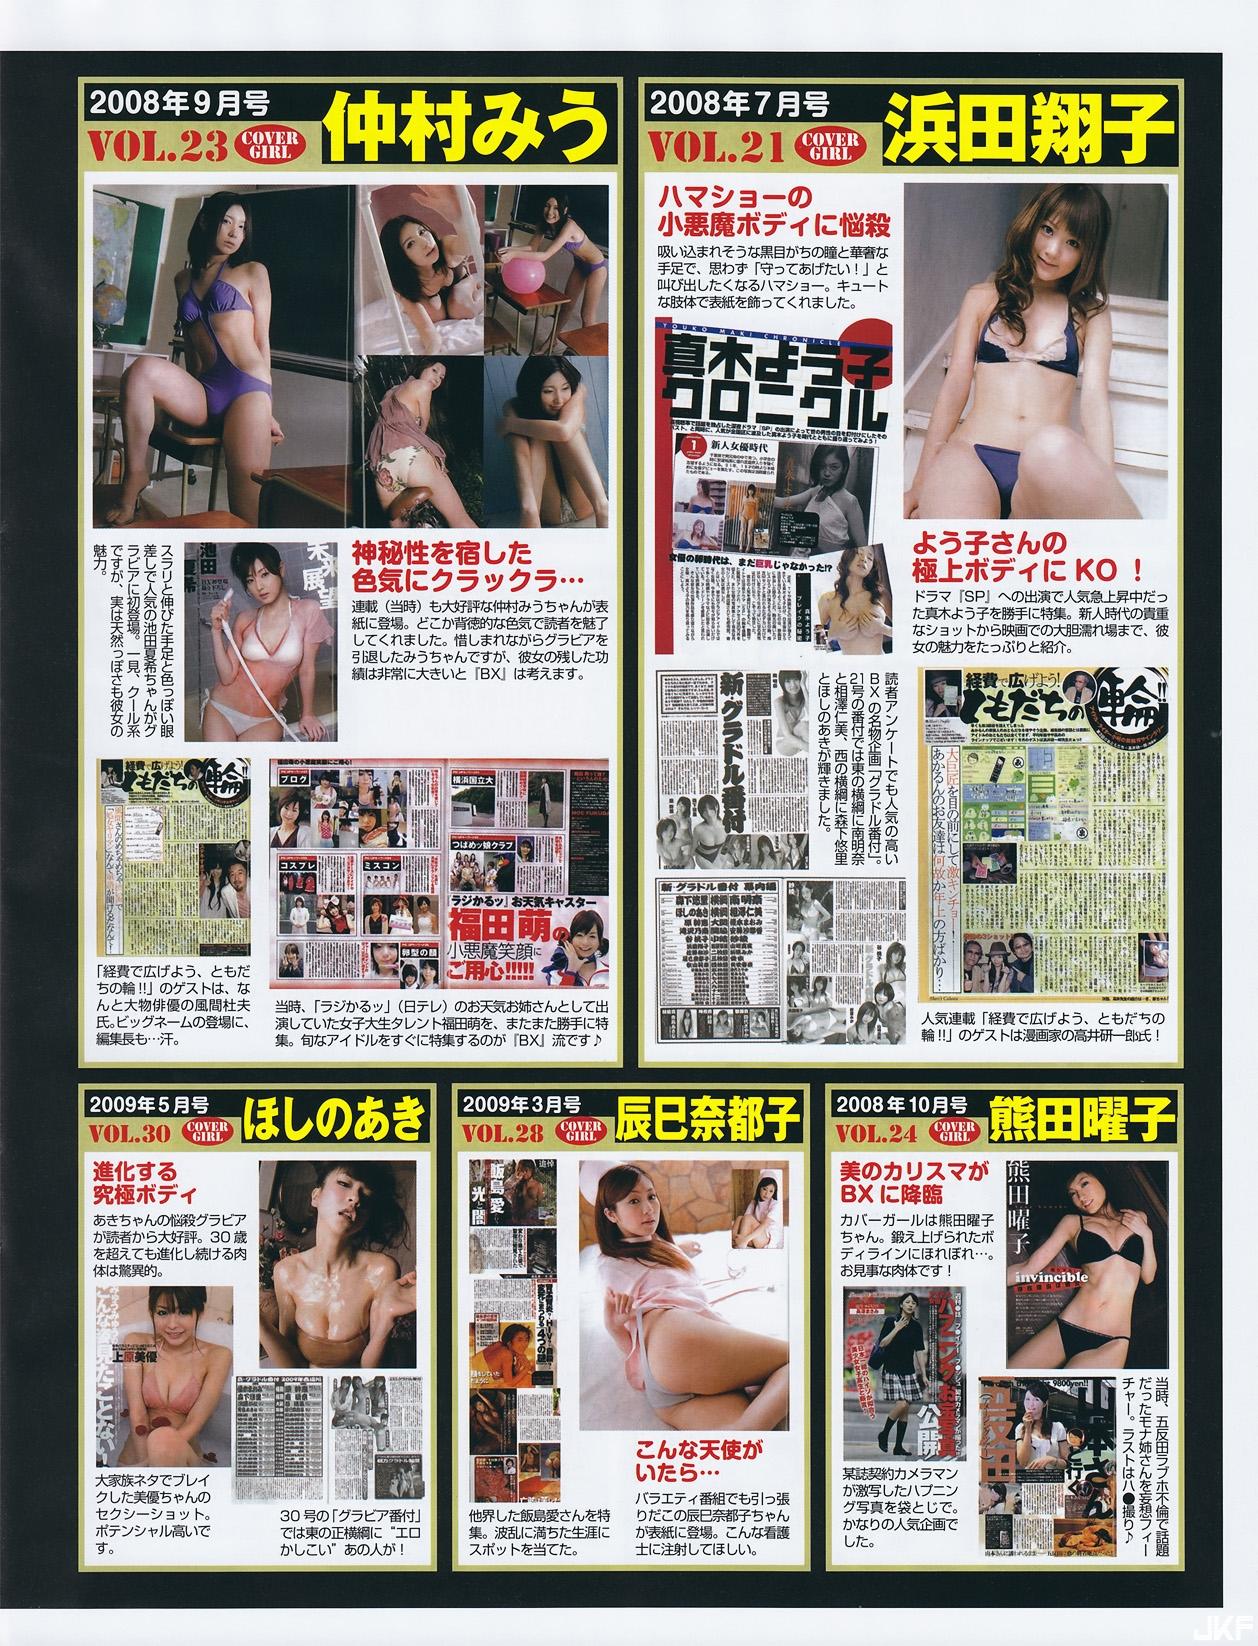 tatsumi-natsuko-843307.jpg